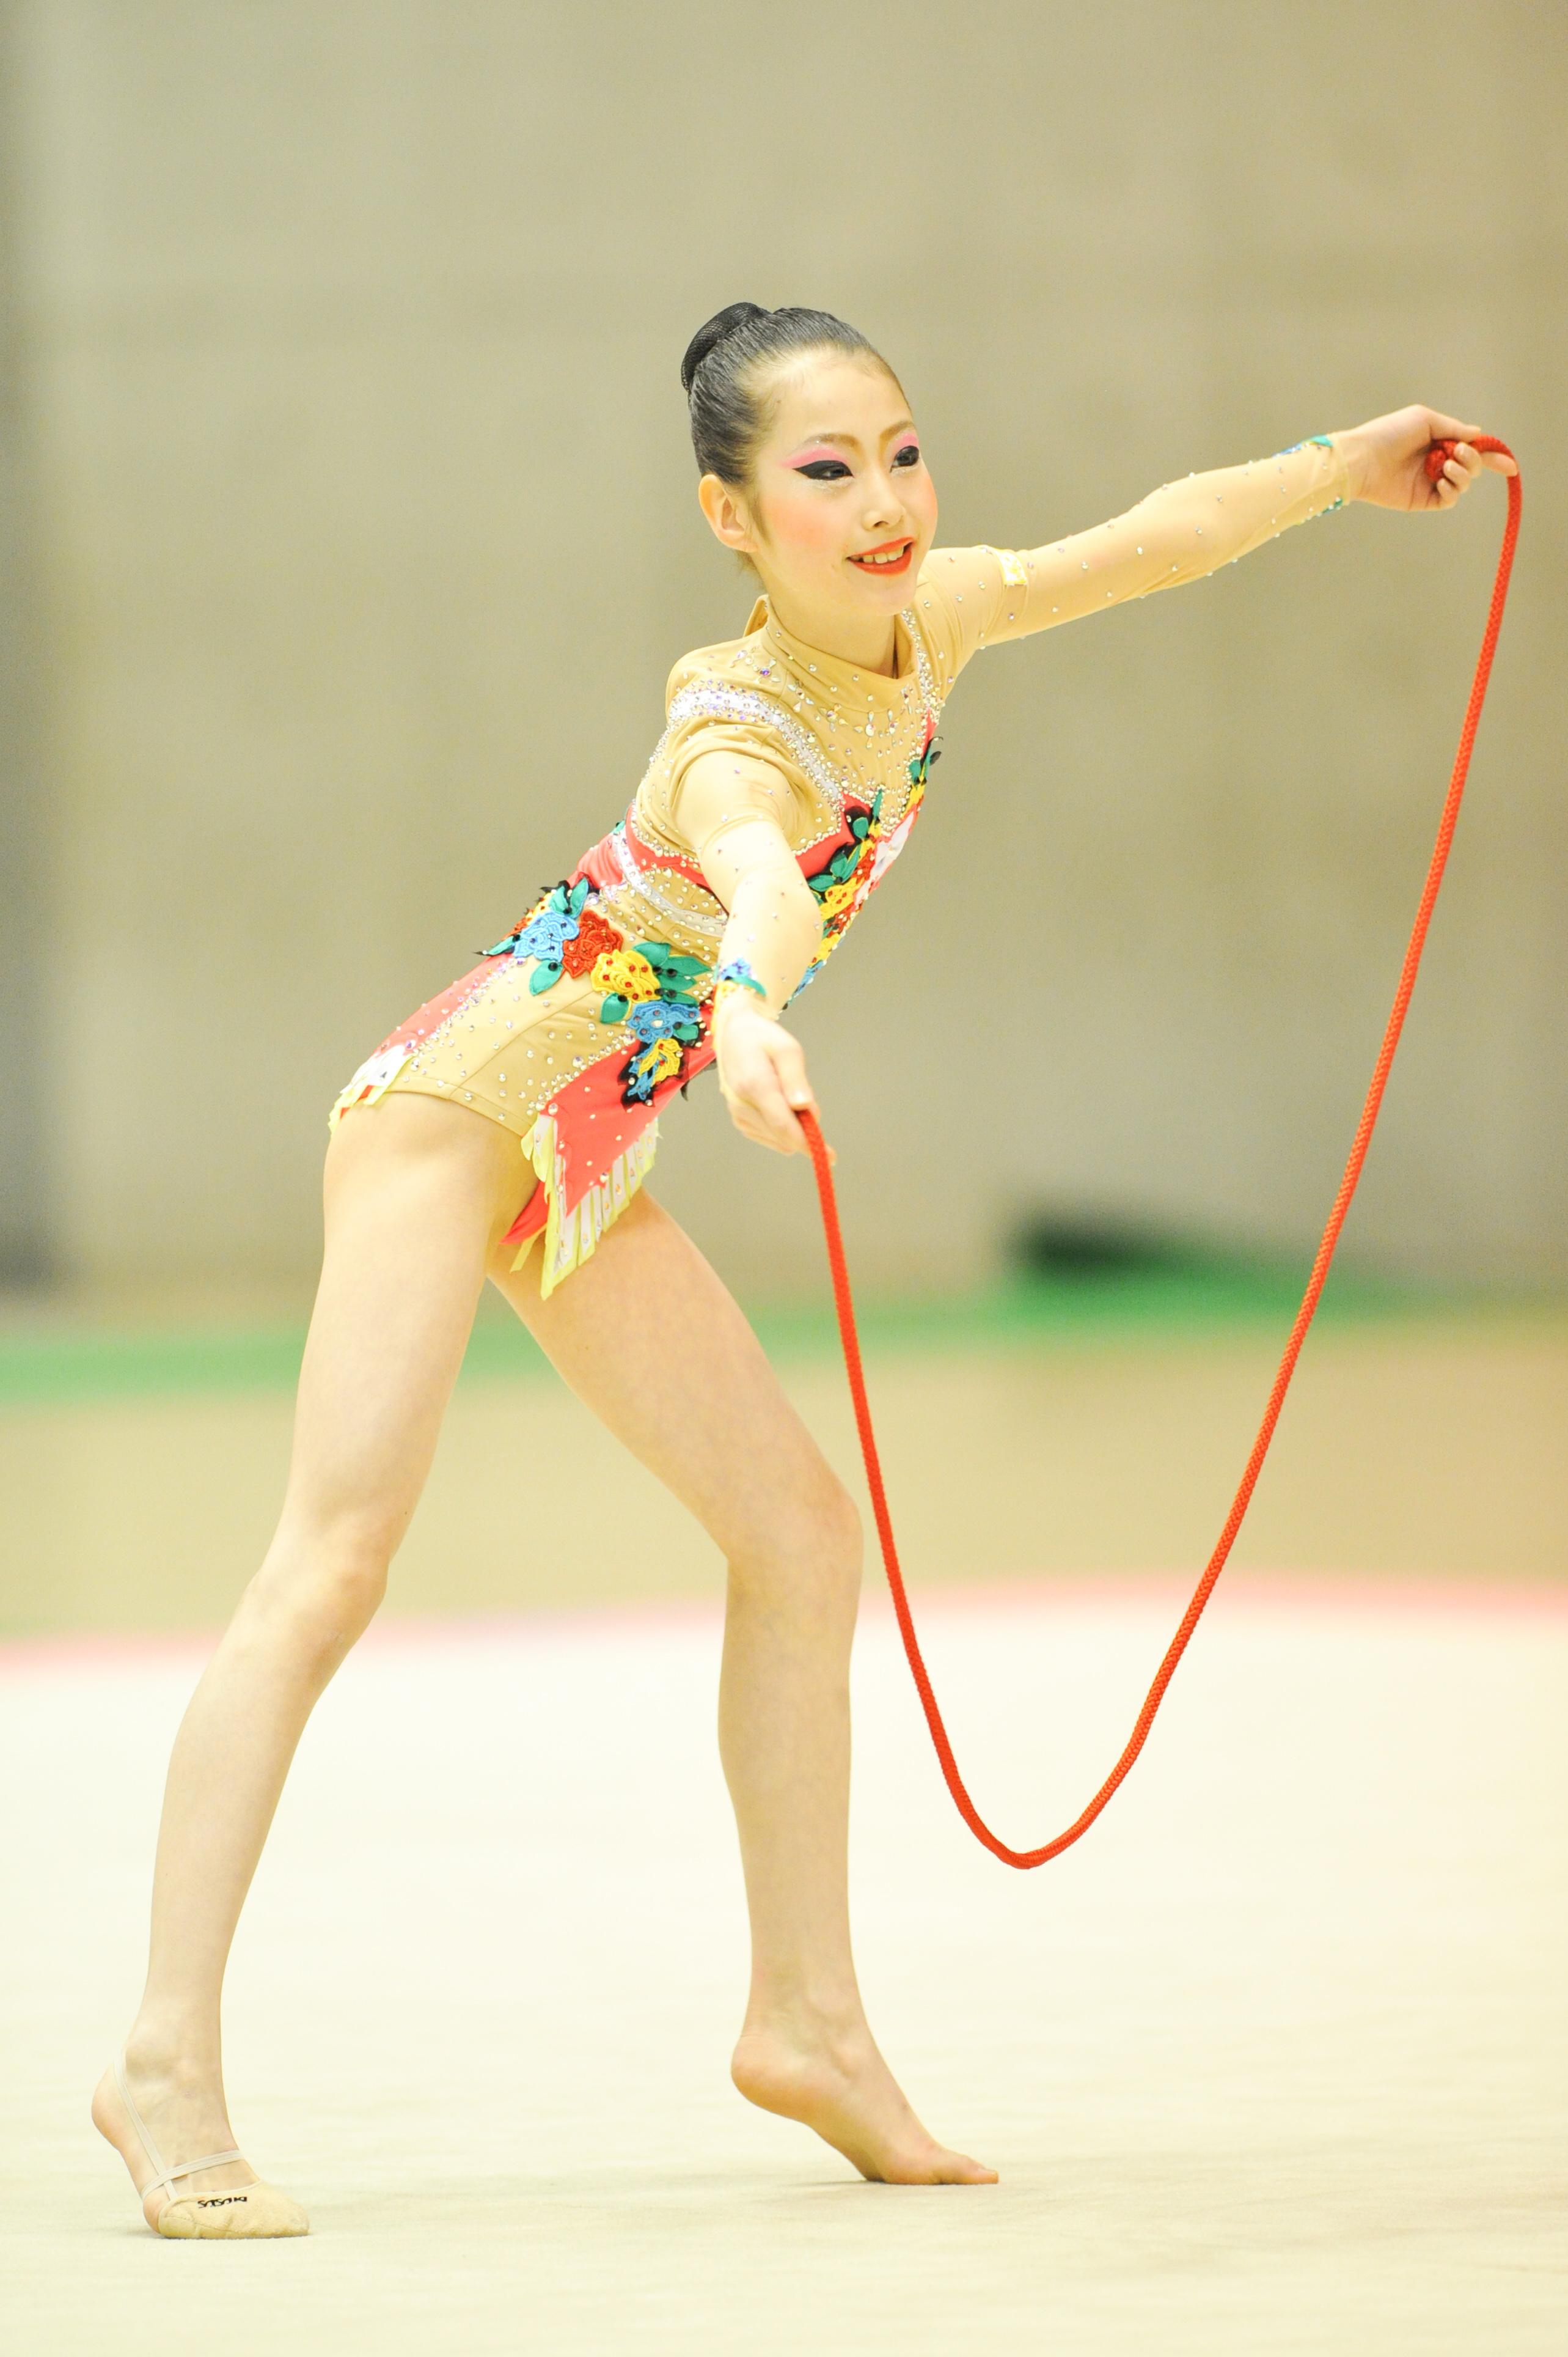 新体操 新体操ではオフシーズンと言われる1~3月の目玉イベントといえば、「全日本チャイルド選手権」。今年で18回目となるこの大会が、2月26~28日に東京体育館で開催され  ...